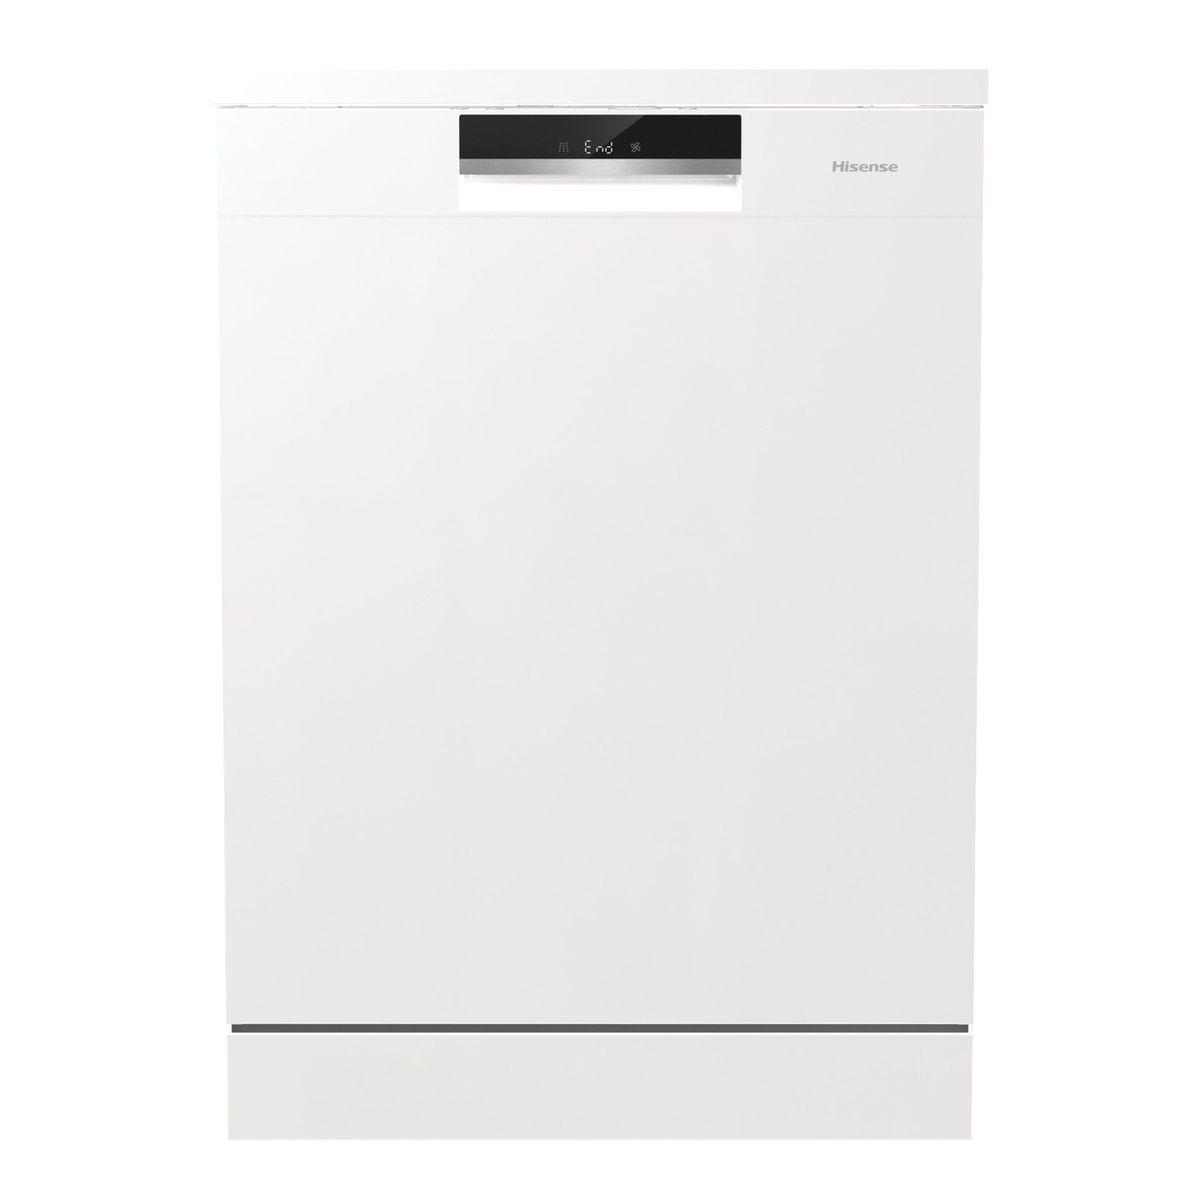 Lave vaisselle pose libre HS661C60W/X, 16 couverts, 60 cm, 44 dB, 5 programmes